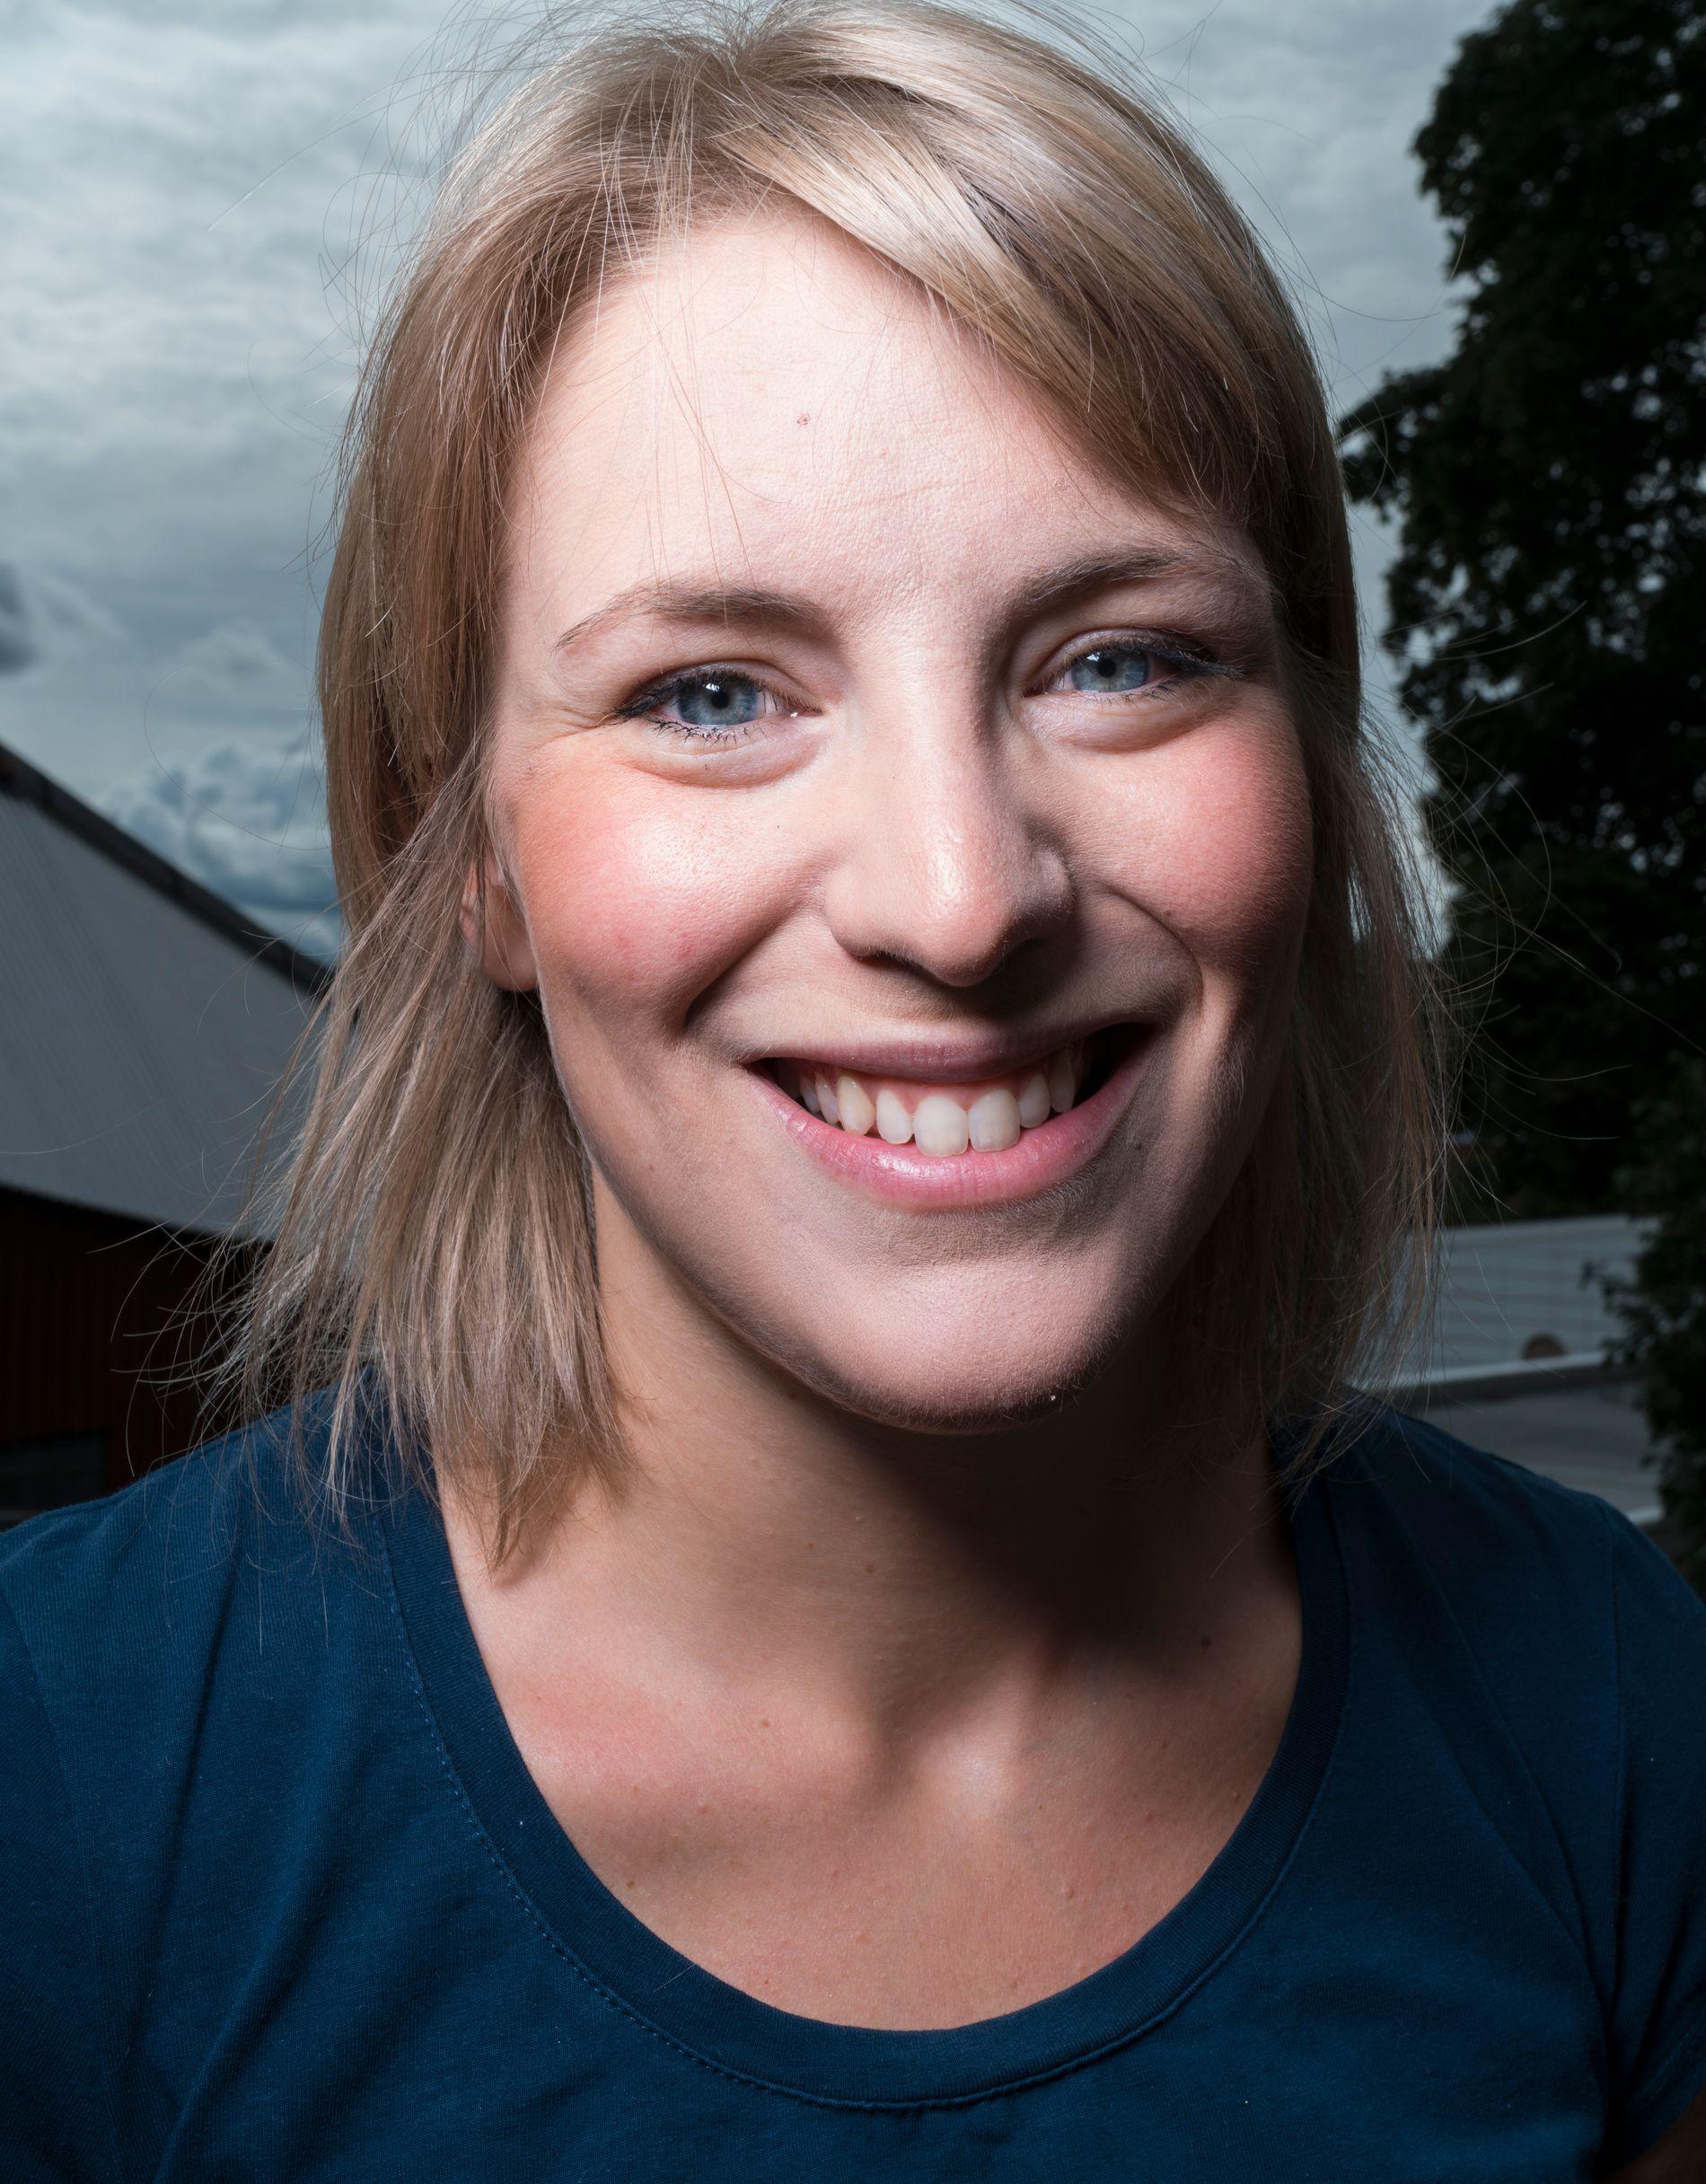 TROR IKKE PÅ TRINE: Kari Elisabeth Kaski, partisekretær i SV.